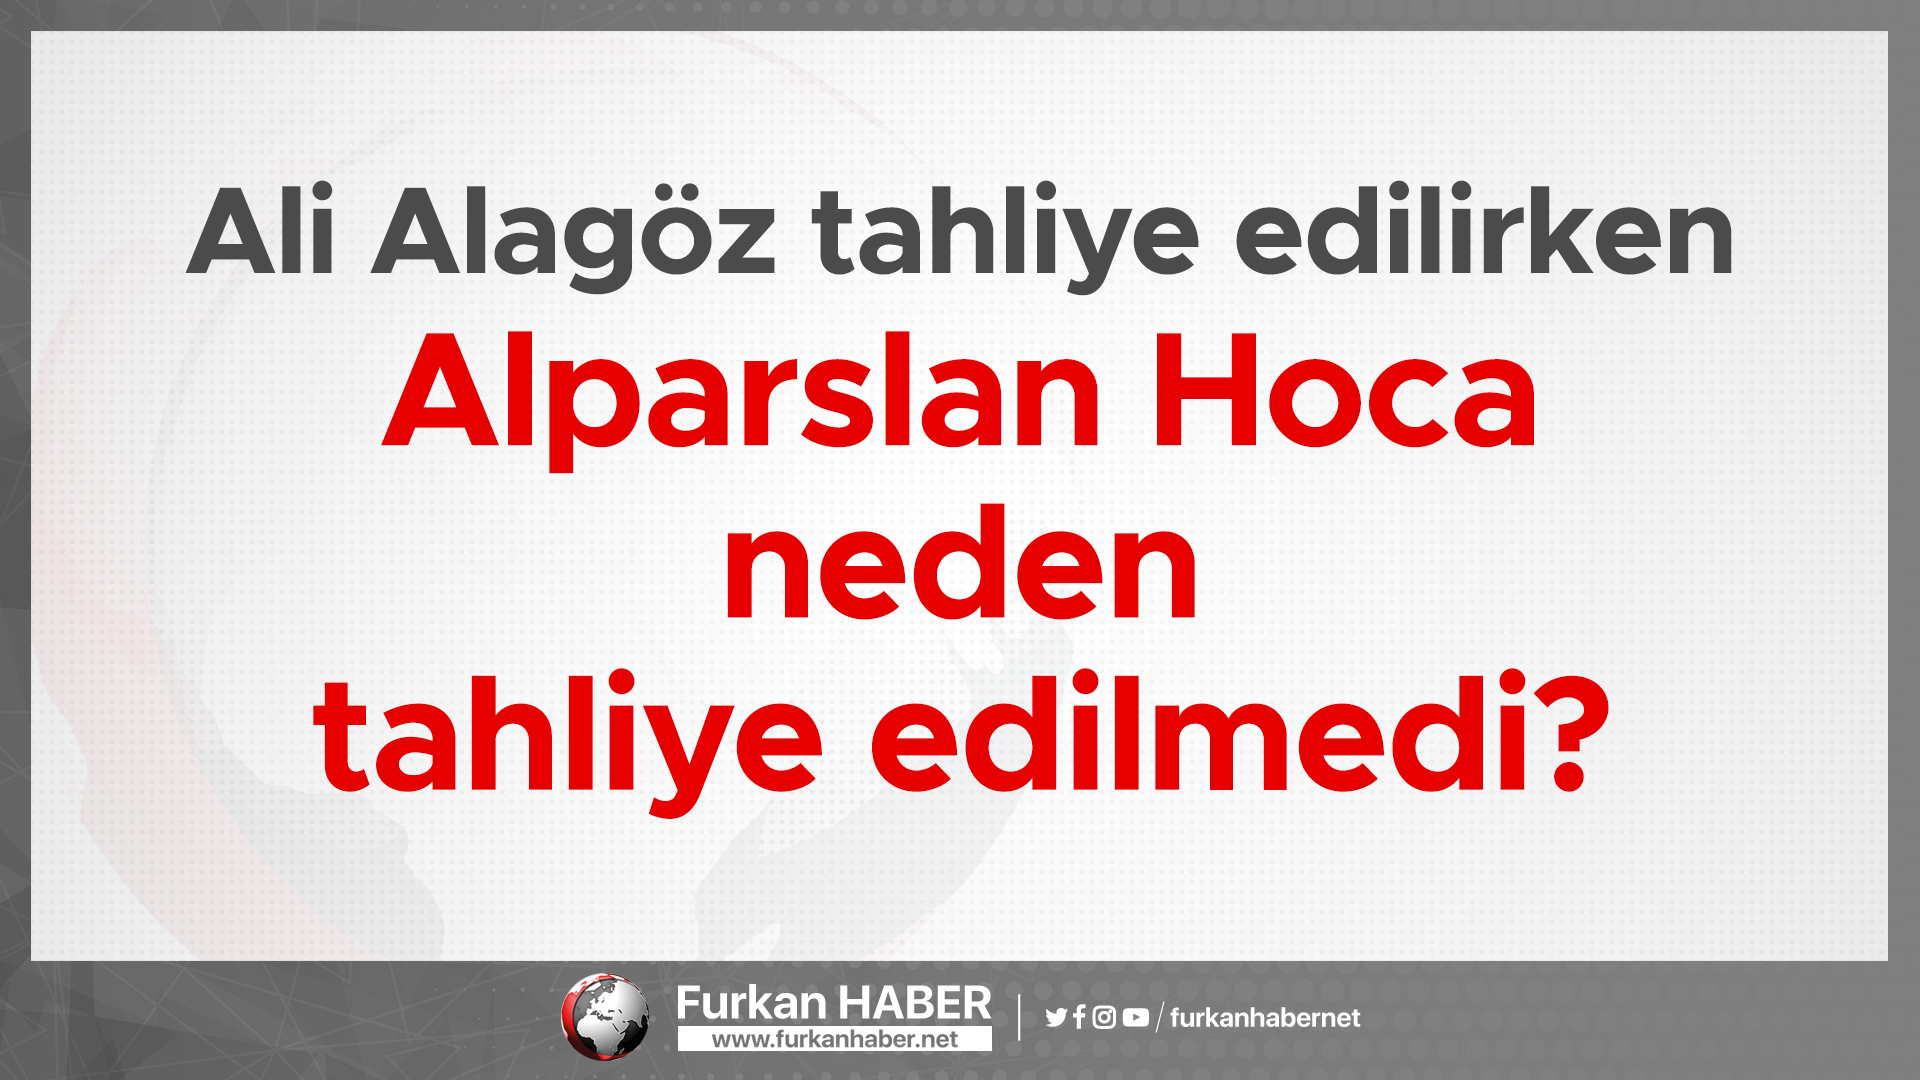 Ali Alagöz tahliye edilirken Alparslan Hoca neden tahliye edilmedi?